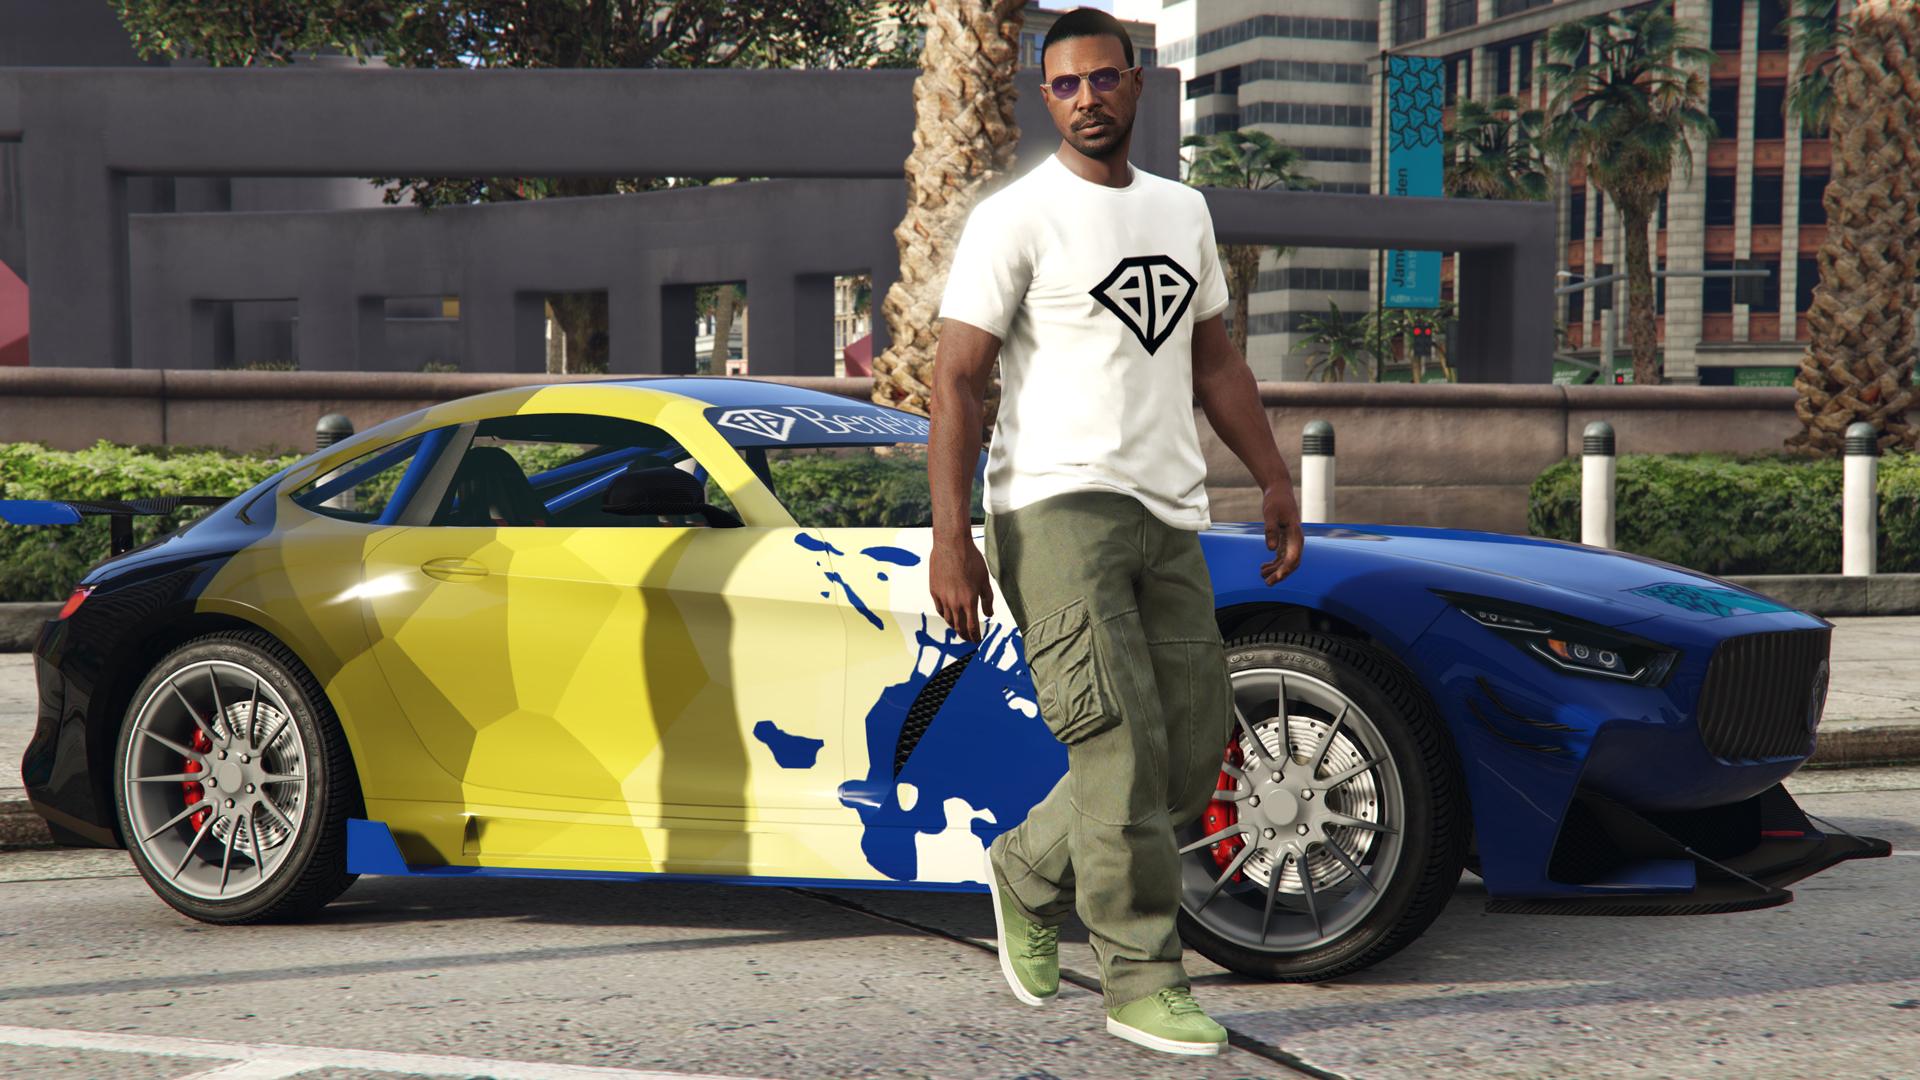 le attività da GTA $ doppi e la nuova Sportiva Benefactor Schlagen GT